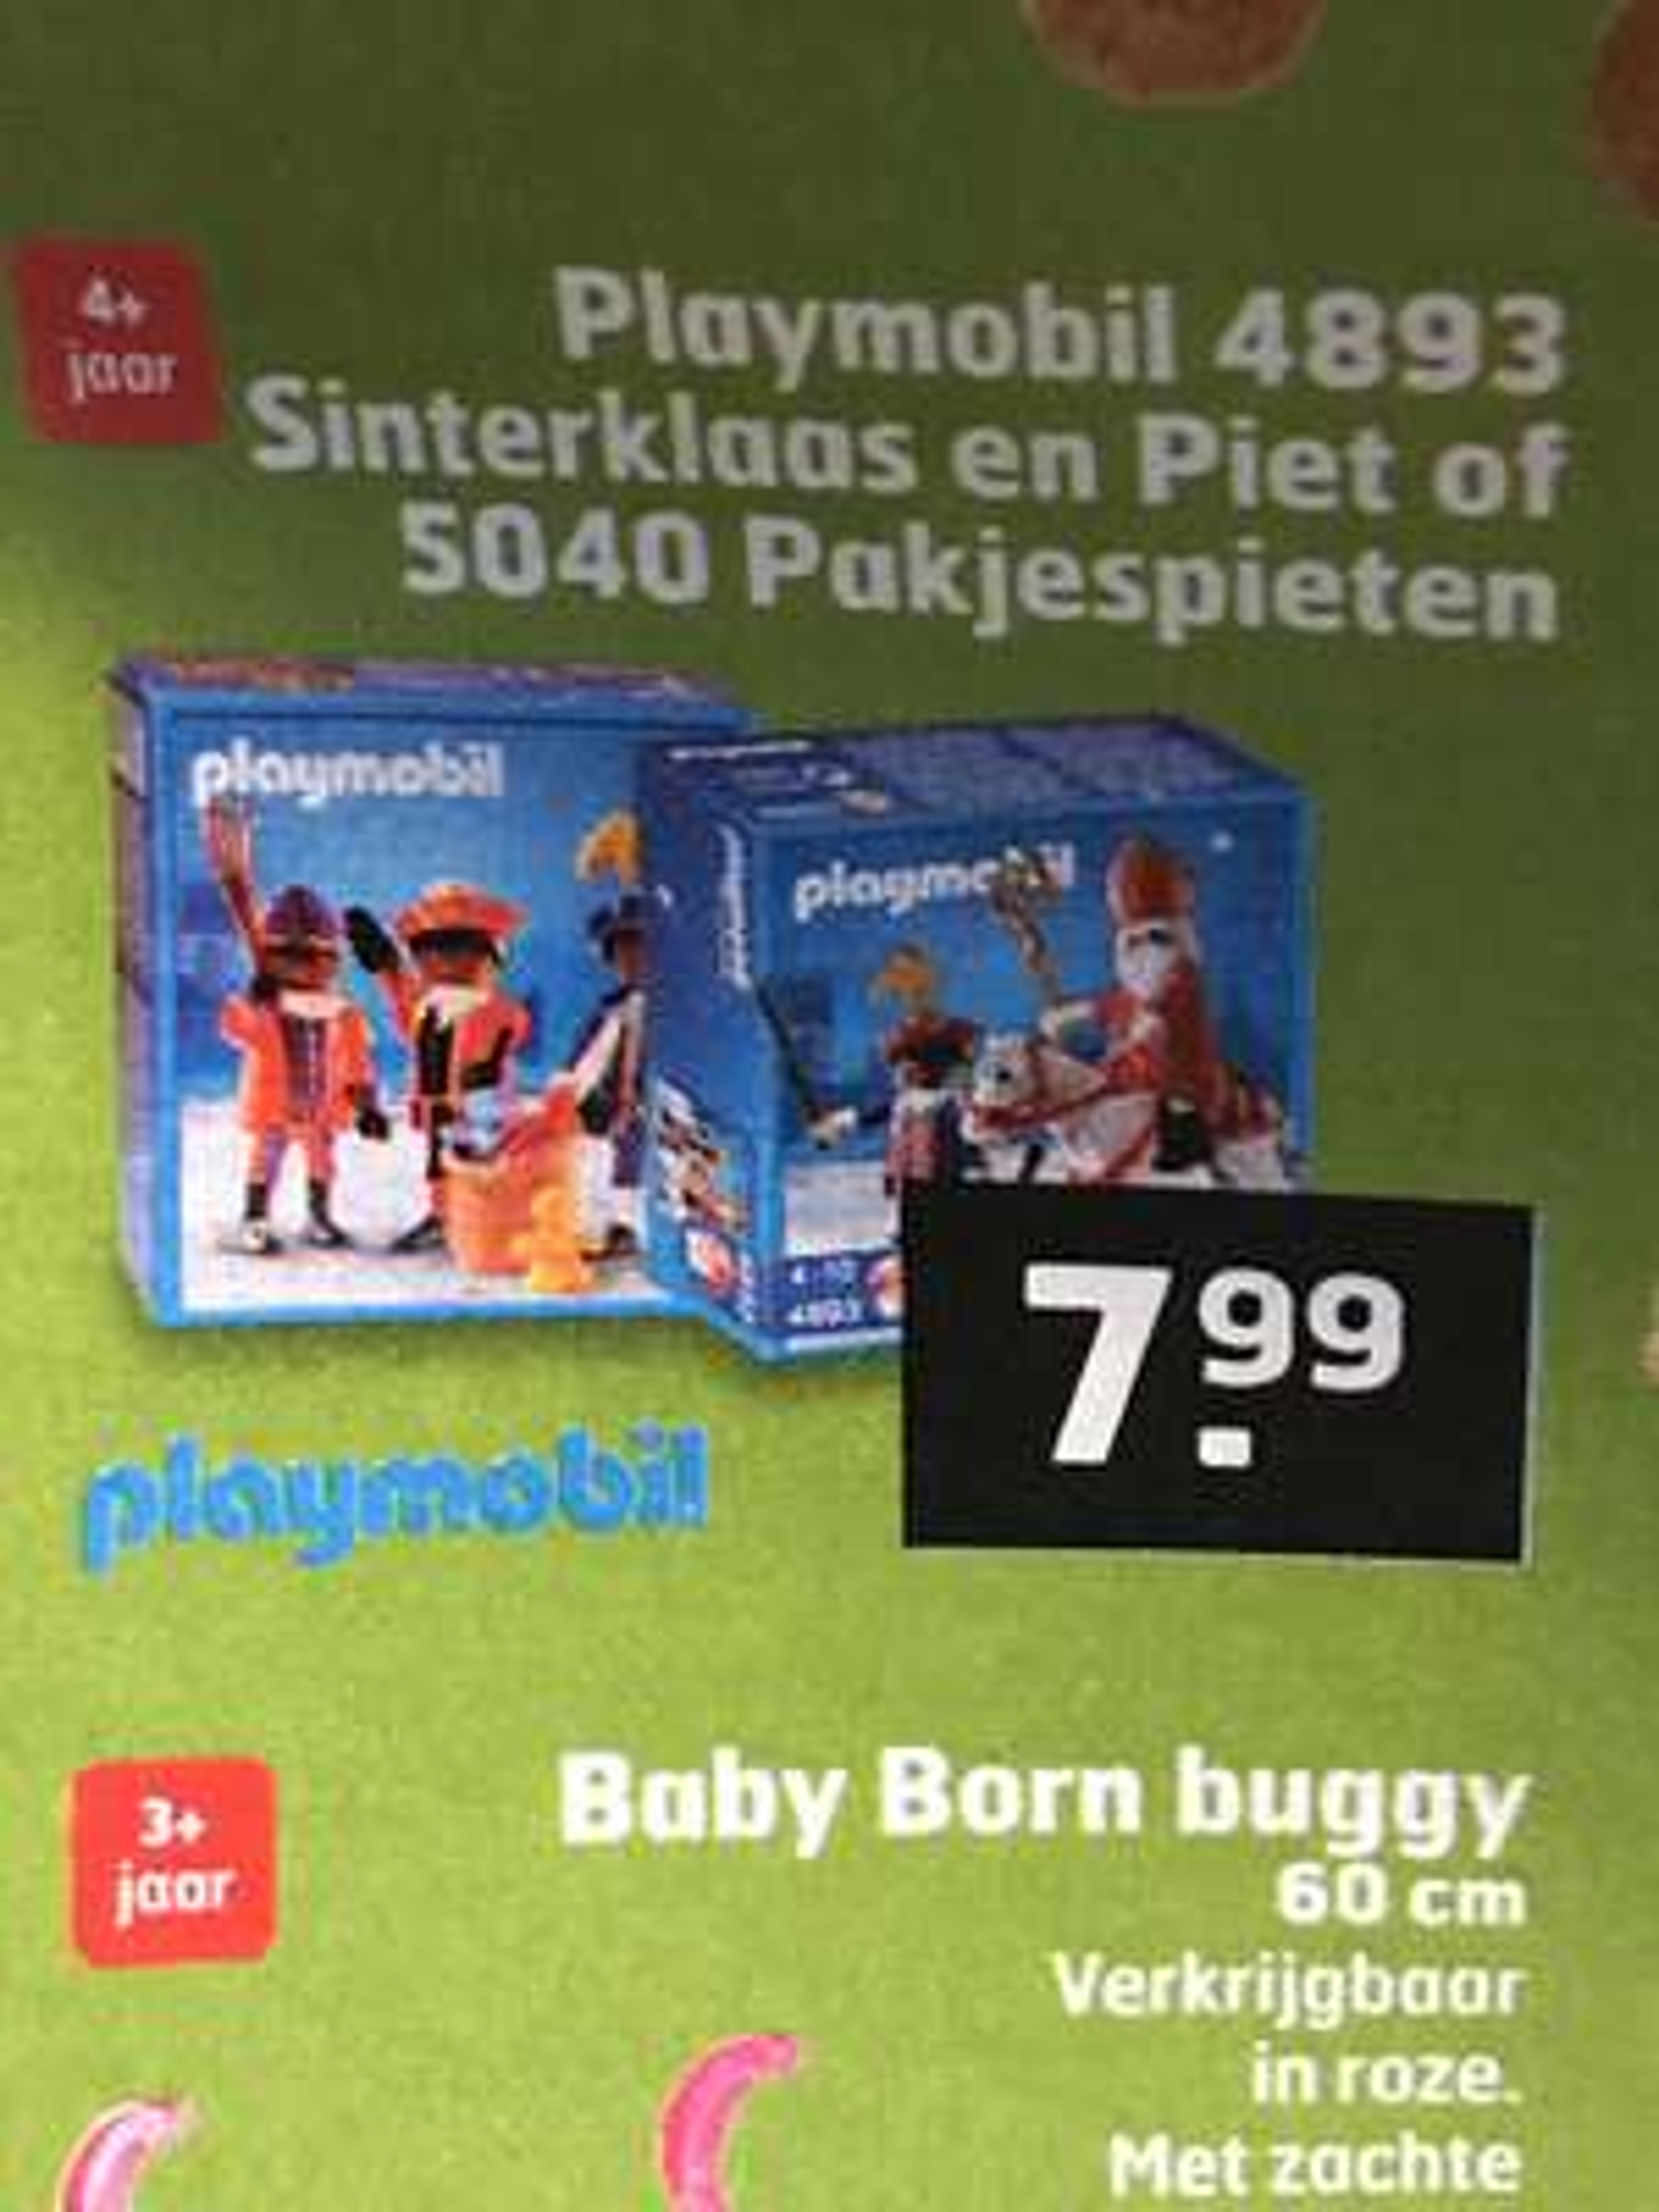 Playmobil sinterklaas en pieten 4893 en 5040